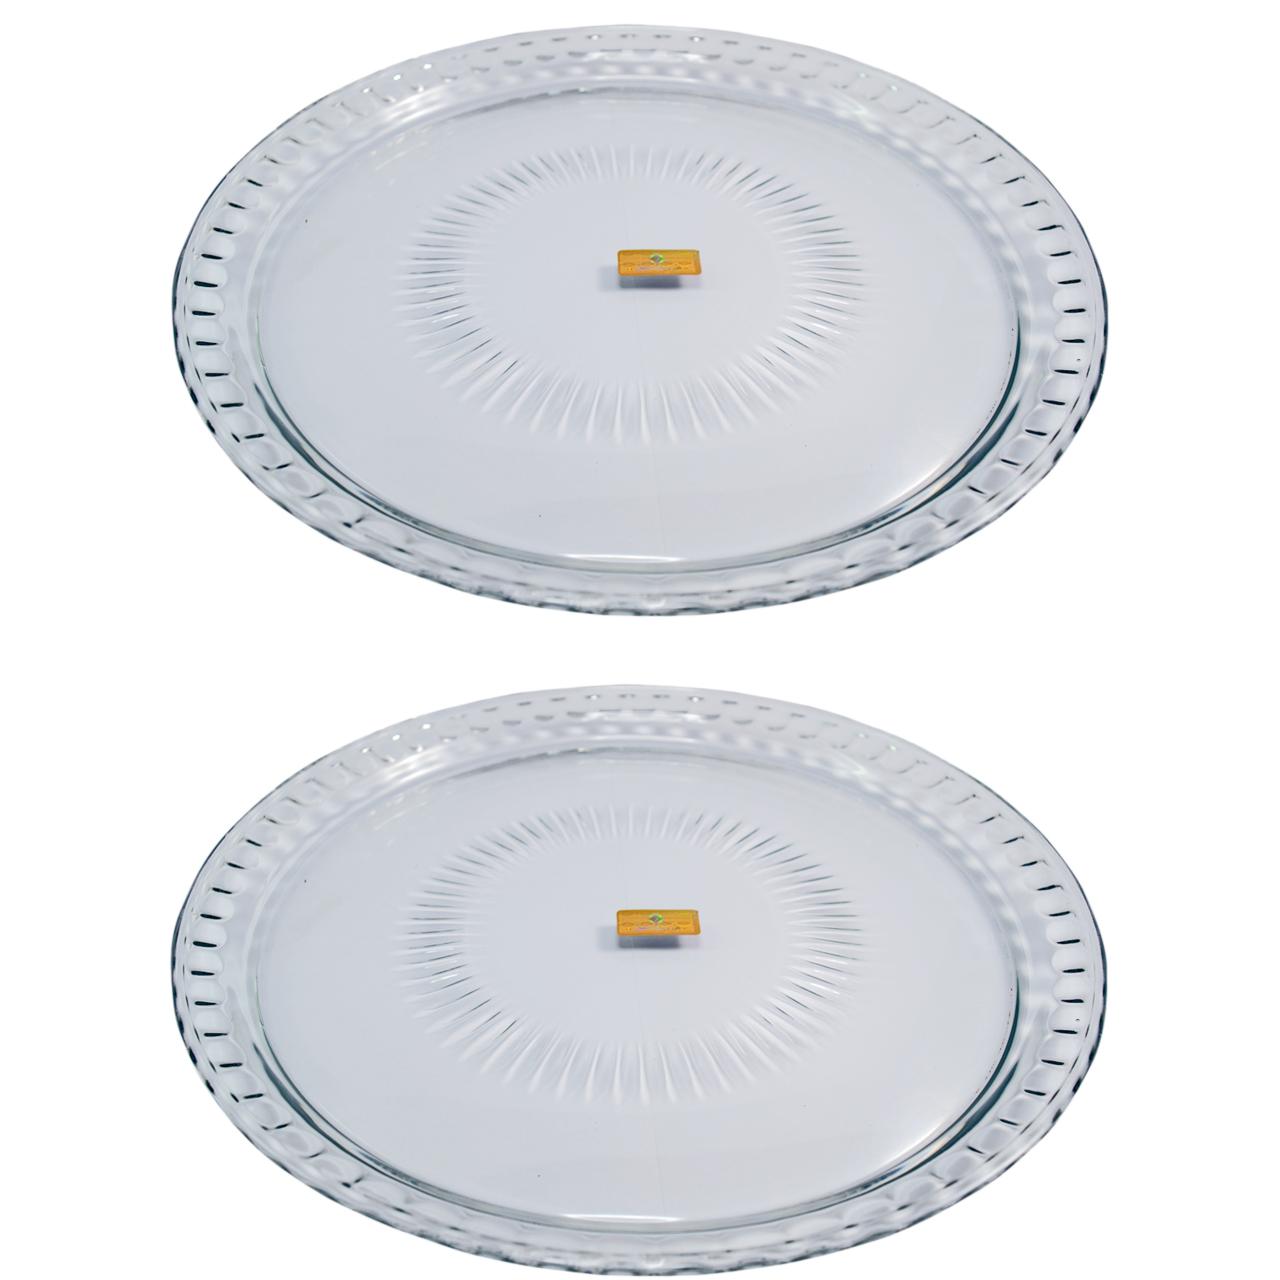 دیس شیشه و بلور اصفهان مدل اطلسی بسته 2 عددی